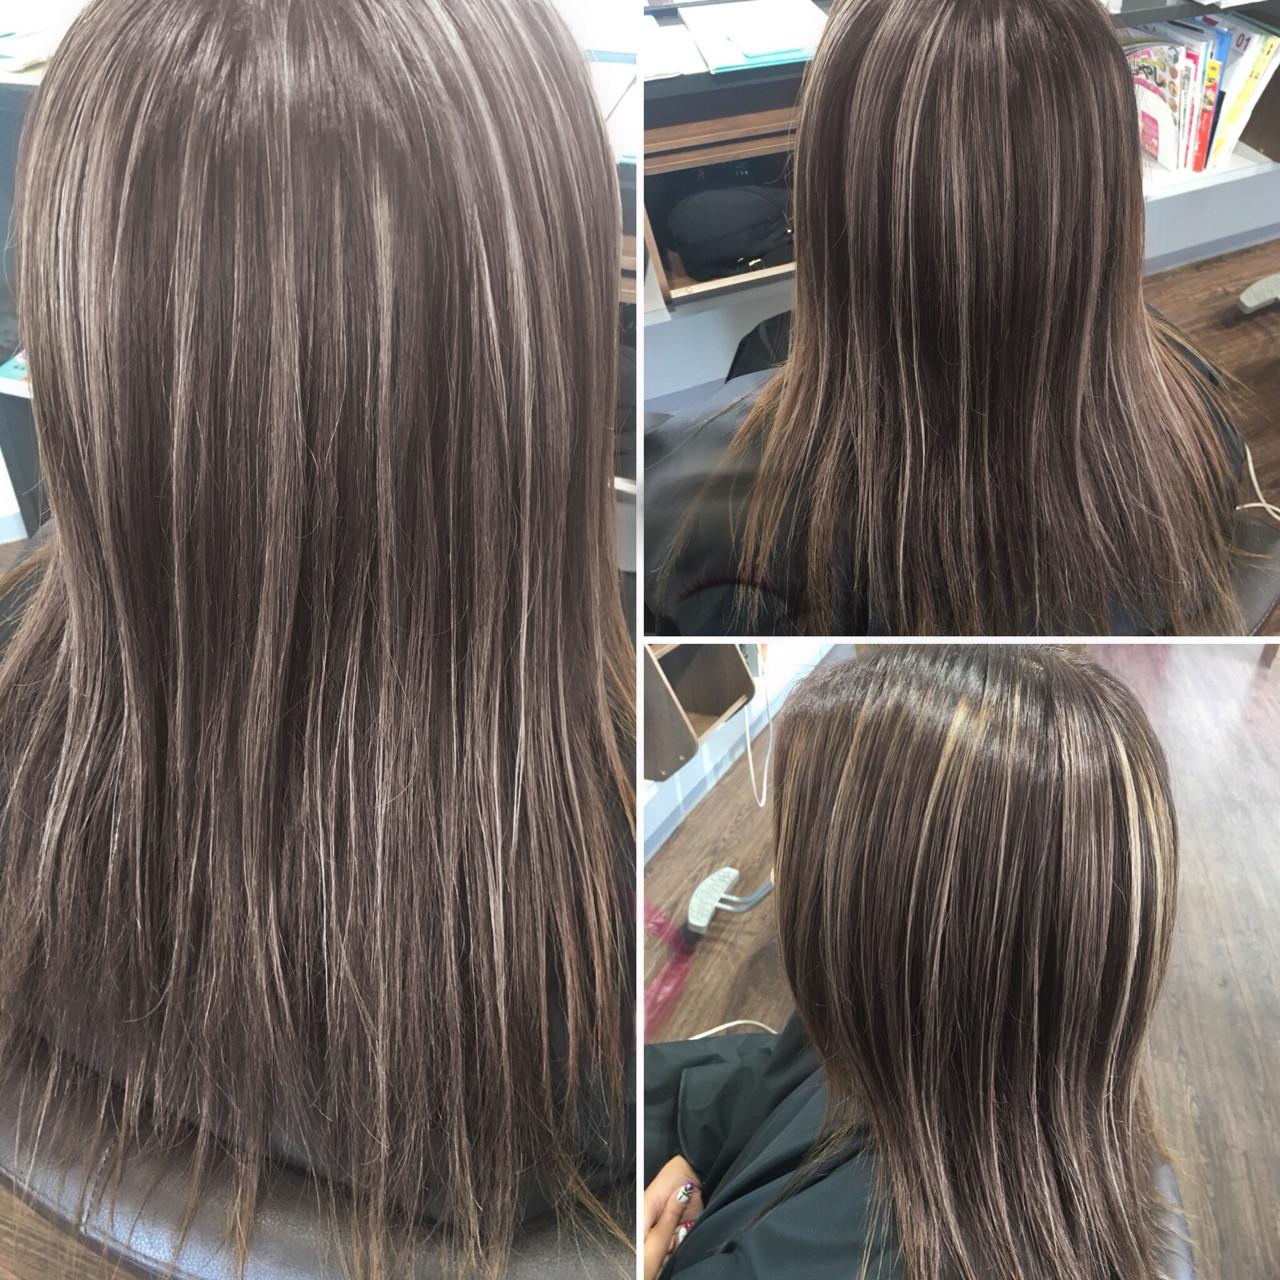 ブリーチ ハイライト 外国人風カラー ナチュラル ヘアスタイルや髪型の写真・画像   エイ / aime